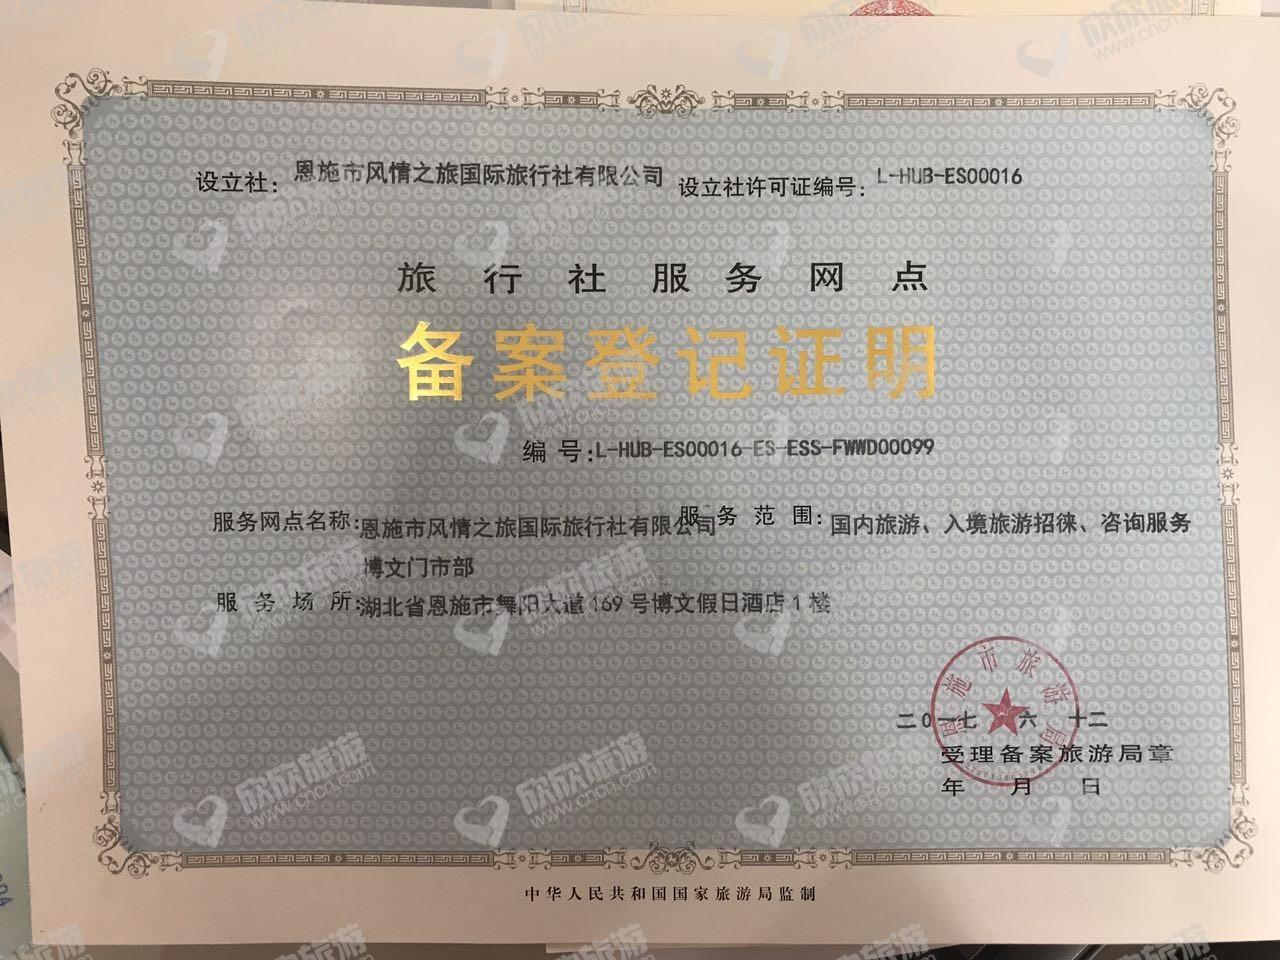 恩施市风情之旅国际旅行社有限公司博文门市部经营许可证